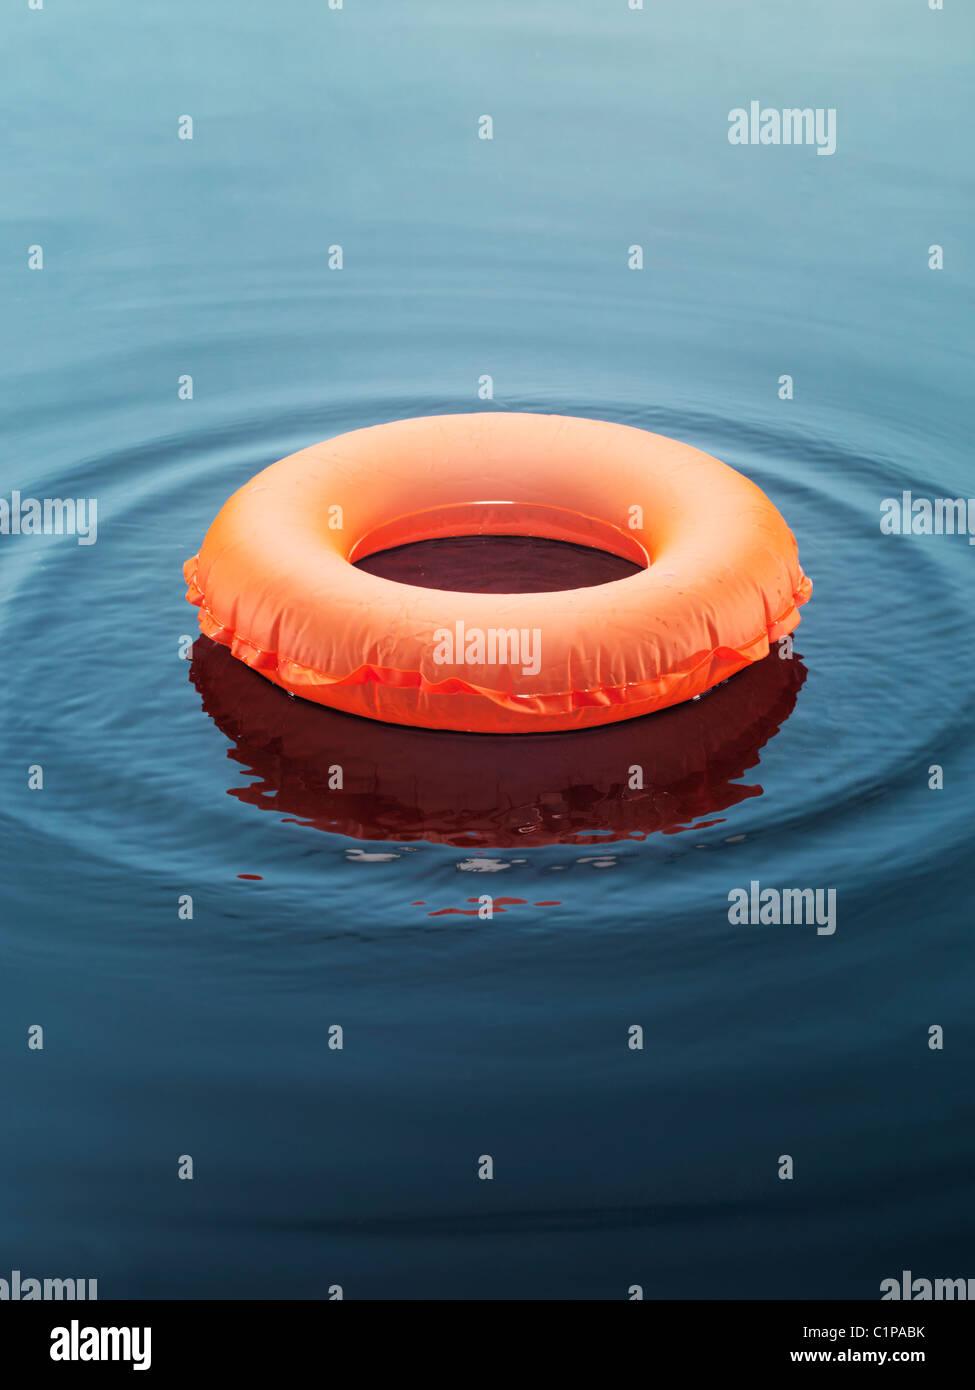 Anillo inflable flotando sobre el agua Imagen De Stock